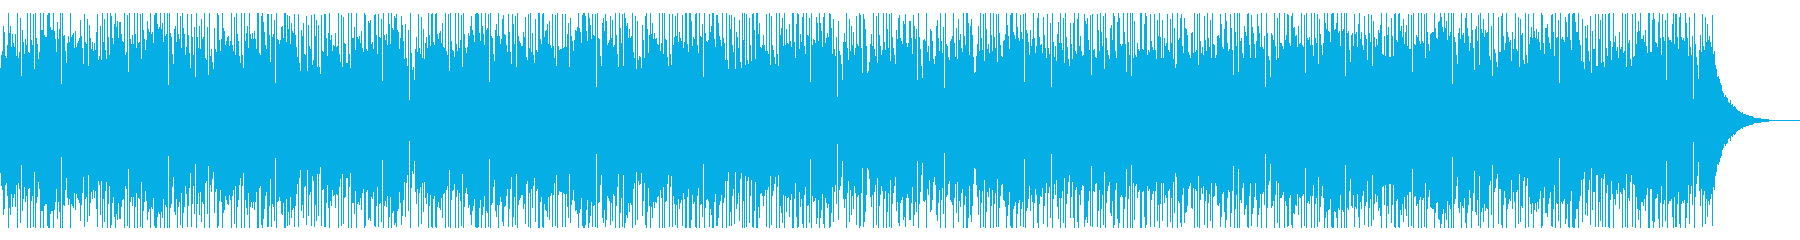 カフェで流れていそうなオシャレで可愛い曲の再生済みの波形